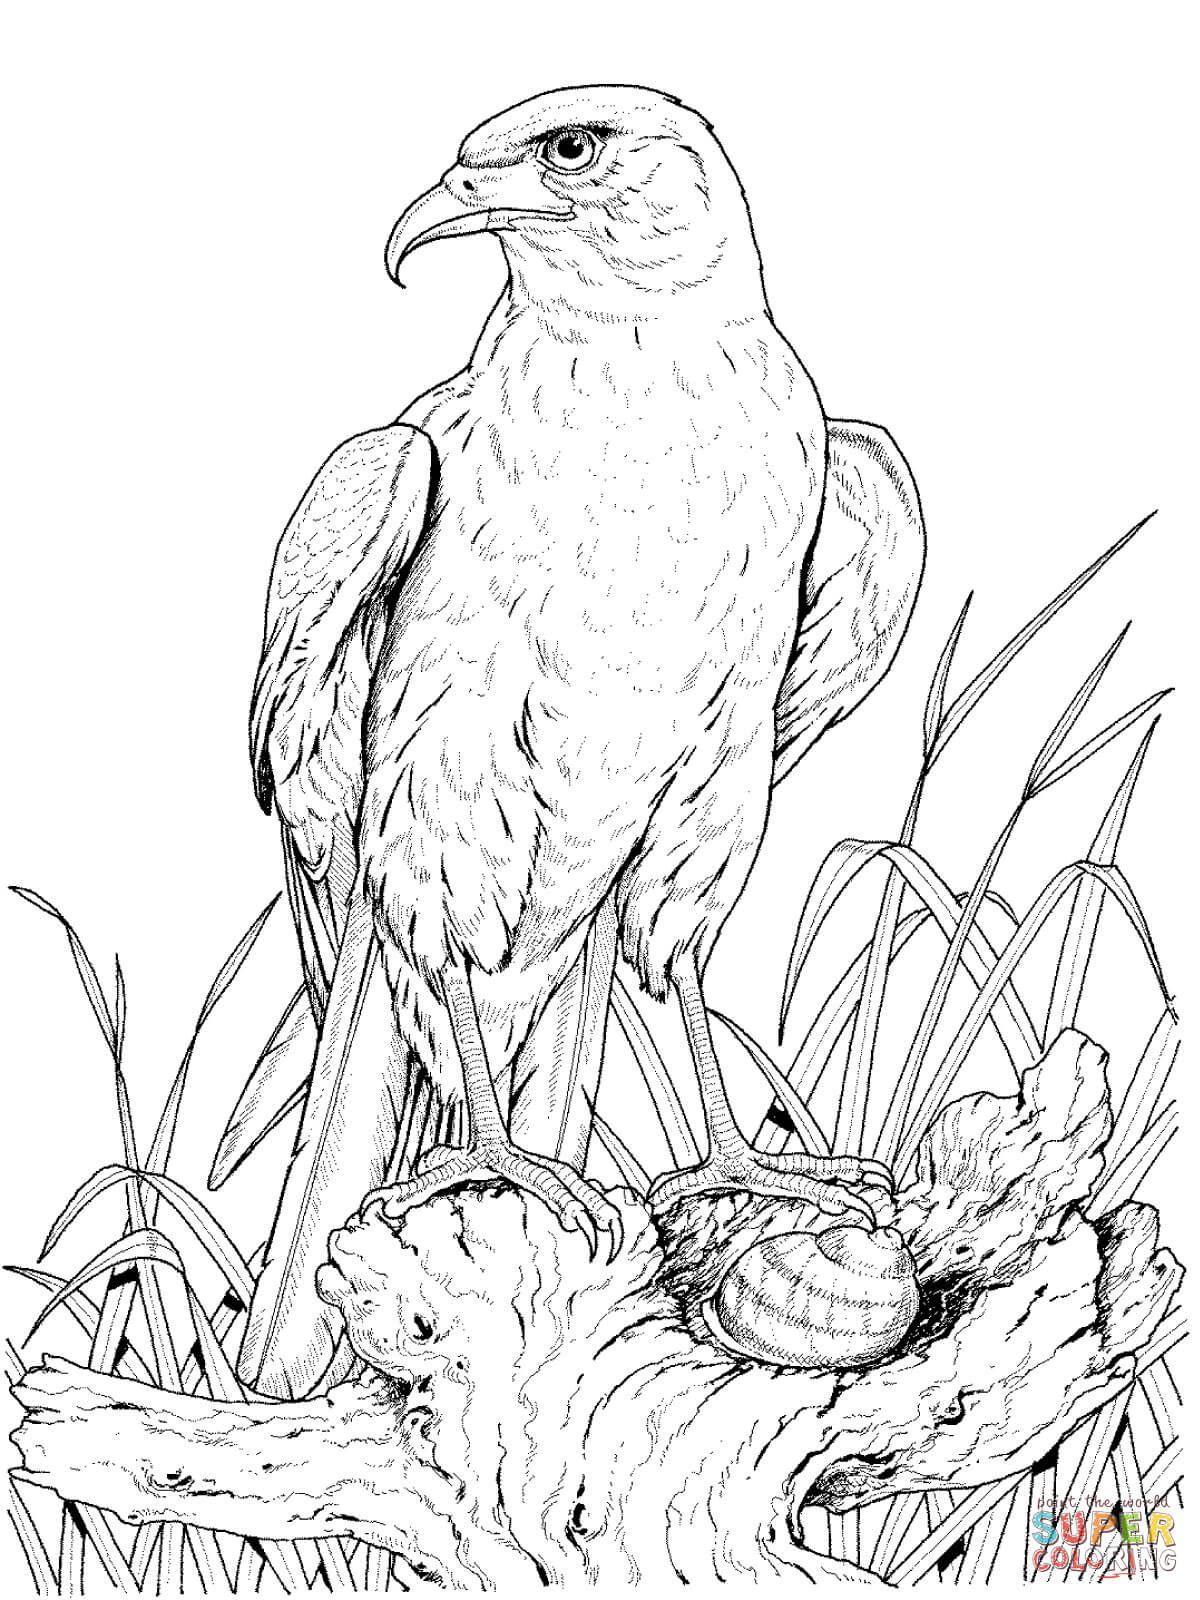 Perched Golden Eagle Coloring Page Jpg 1200 1600 Boyama Sayfalari Boyama Kitaplari Cizim